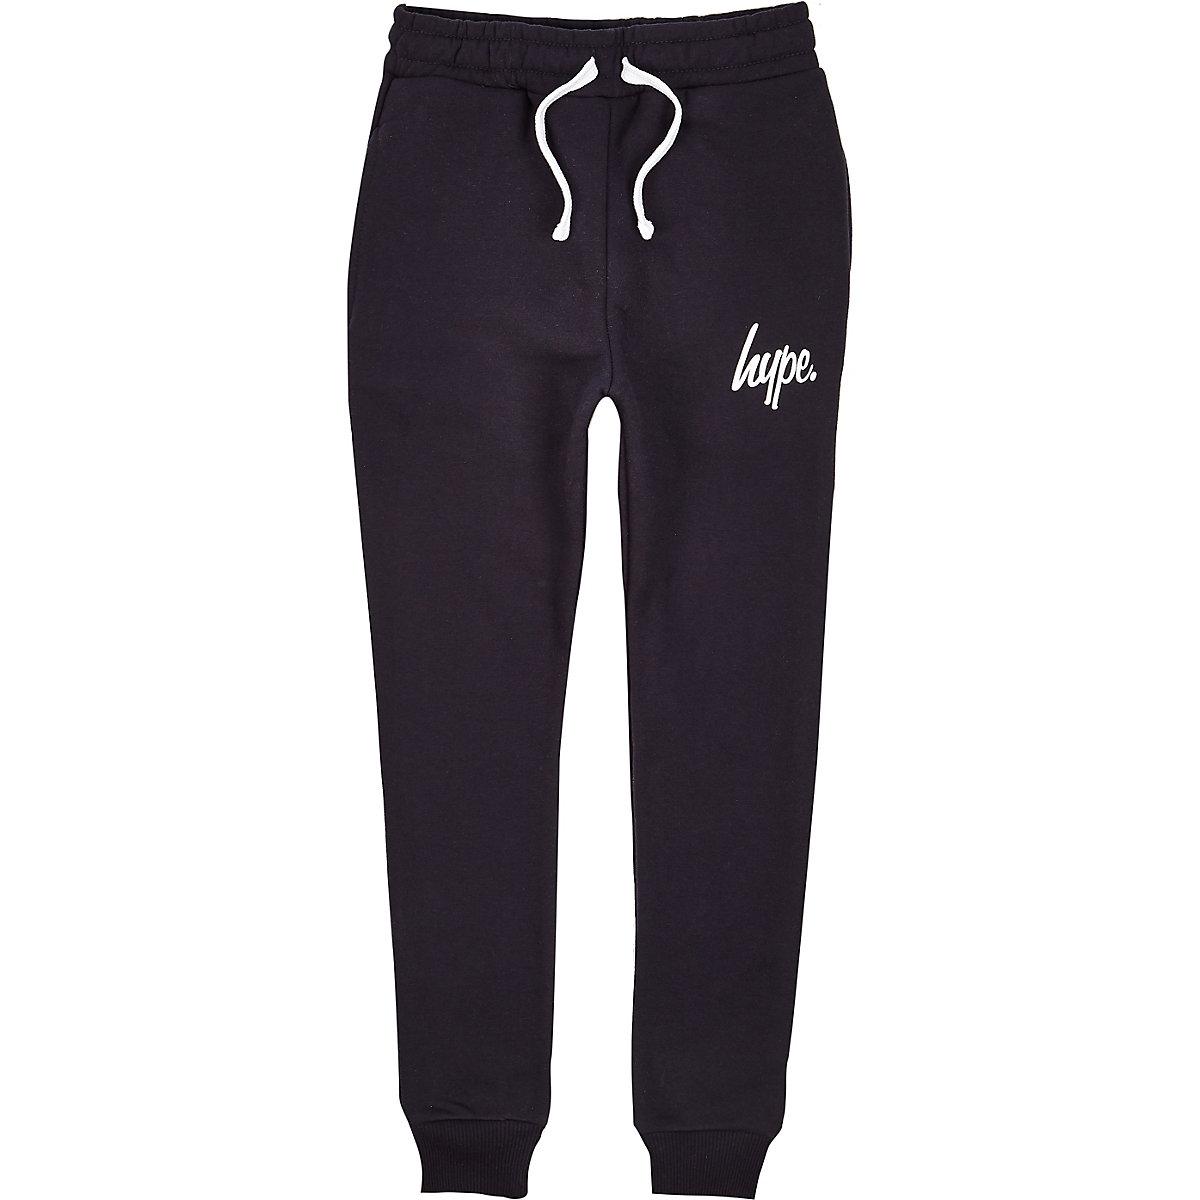 Hype – Pantalon de jogging à inscription bleu marine pour garçon